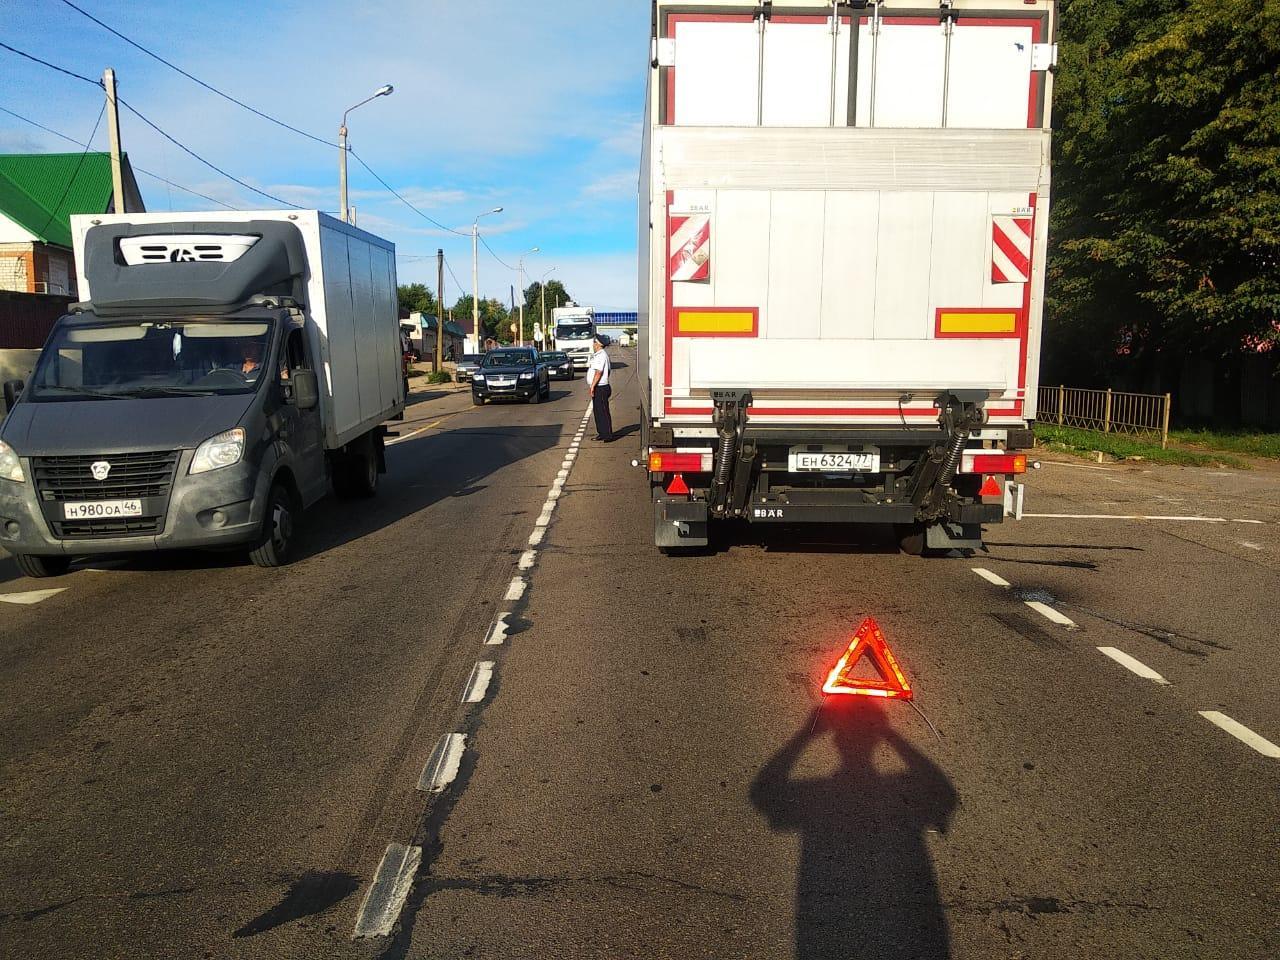 Тульская Госавтоинспекция разыскивает водителя, который оборвал электропровода в Чернском районе